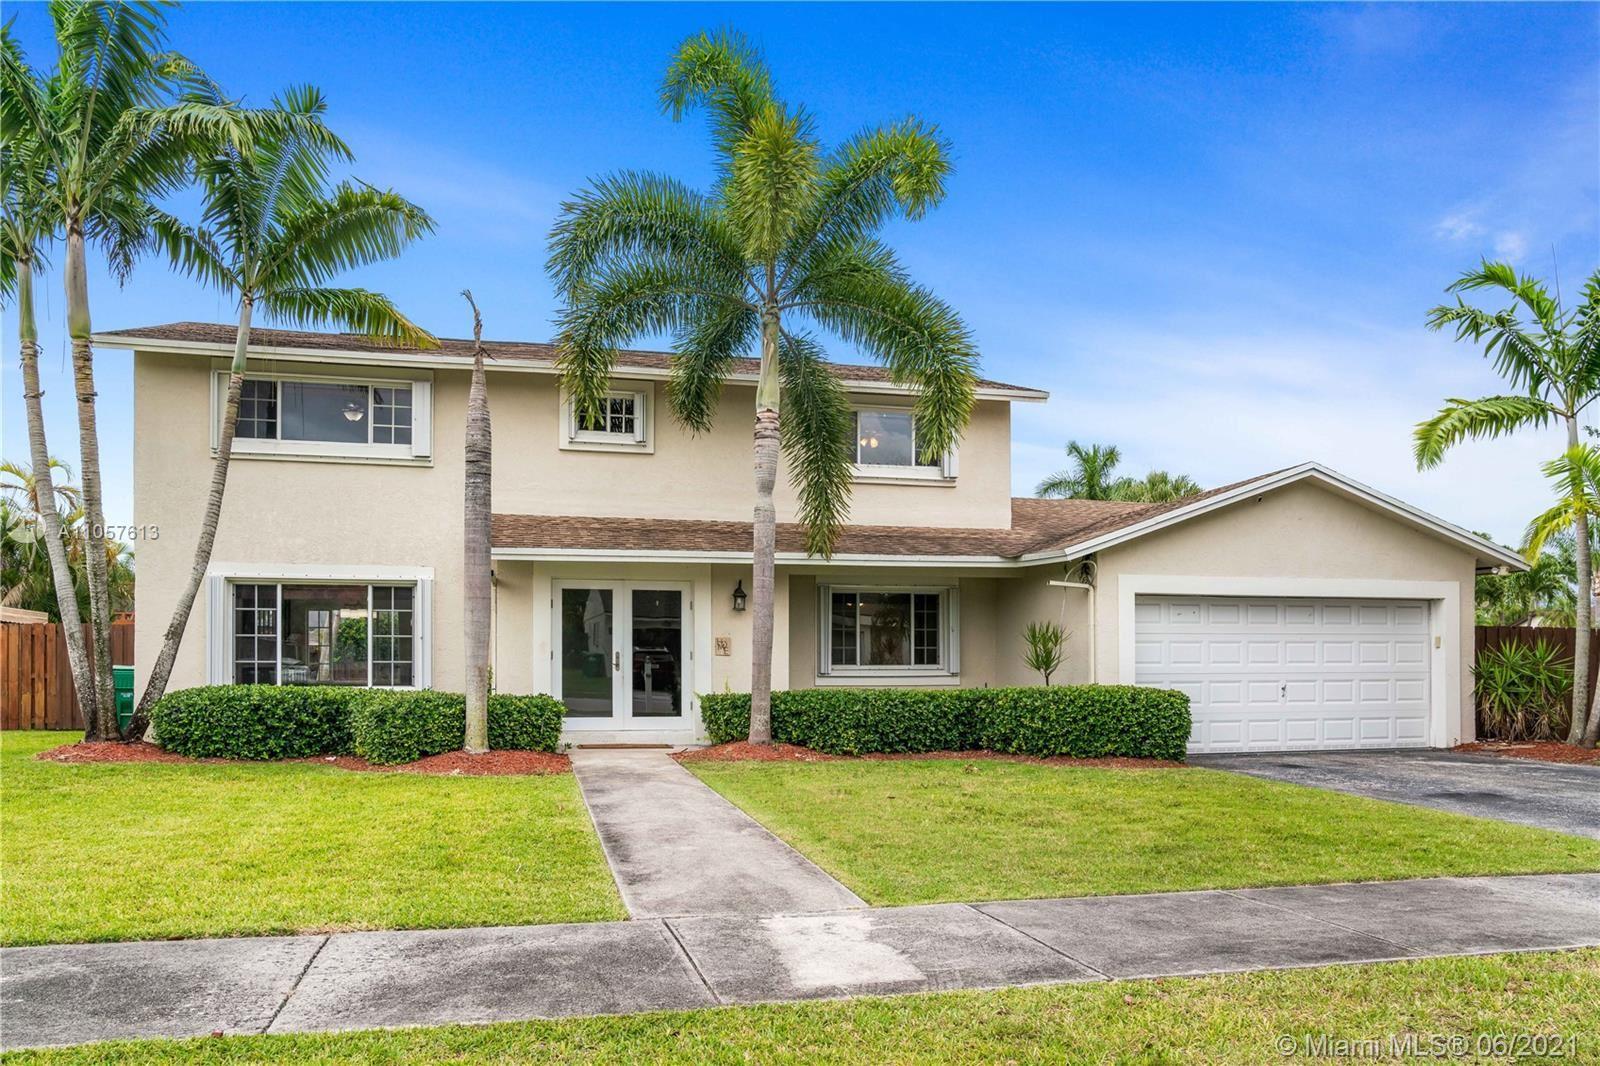 12860 SW 119th ST, Miami, FL 33186 - #: A11057613